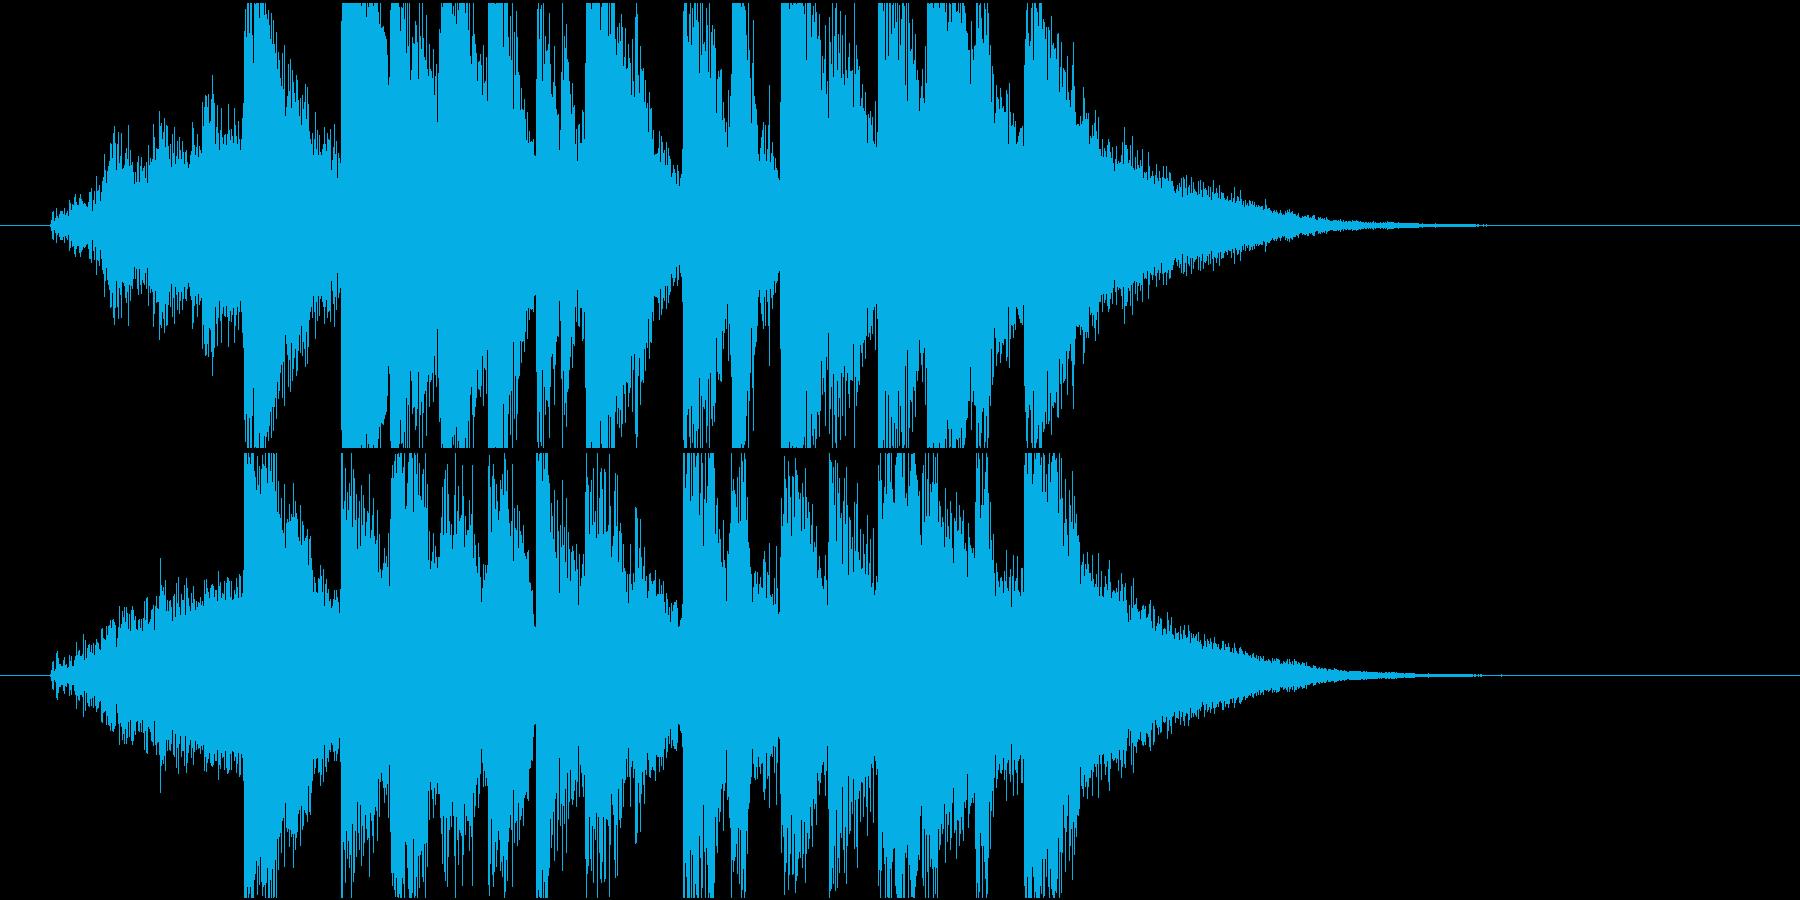 アニメ風のかわいいアイキャッチの再生済みの波形